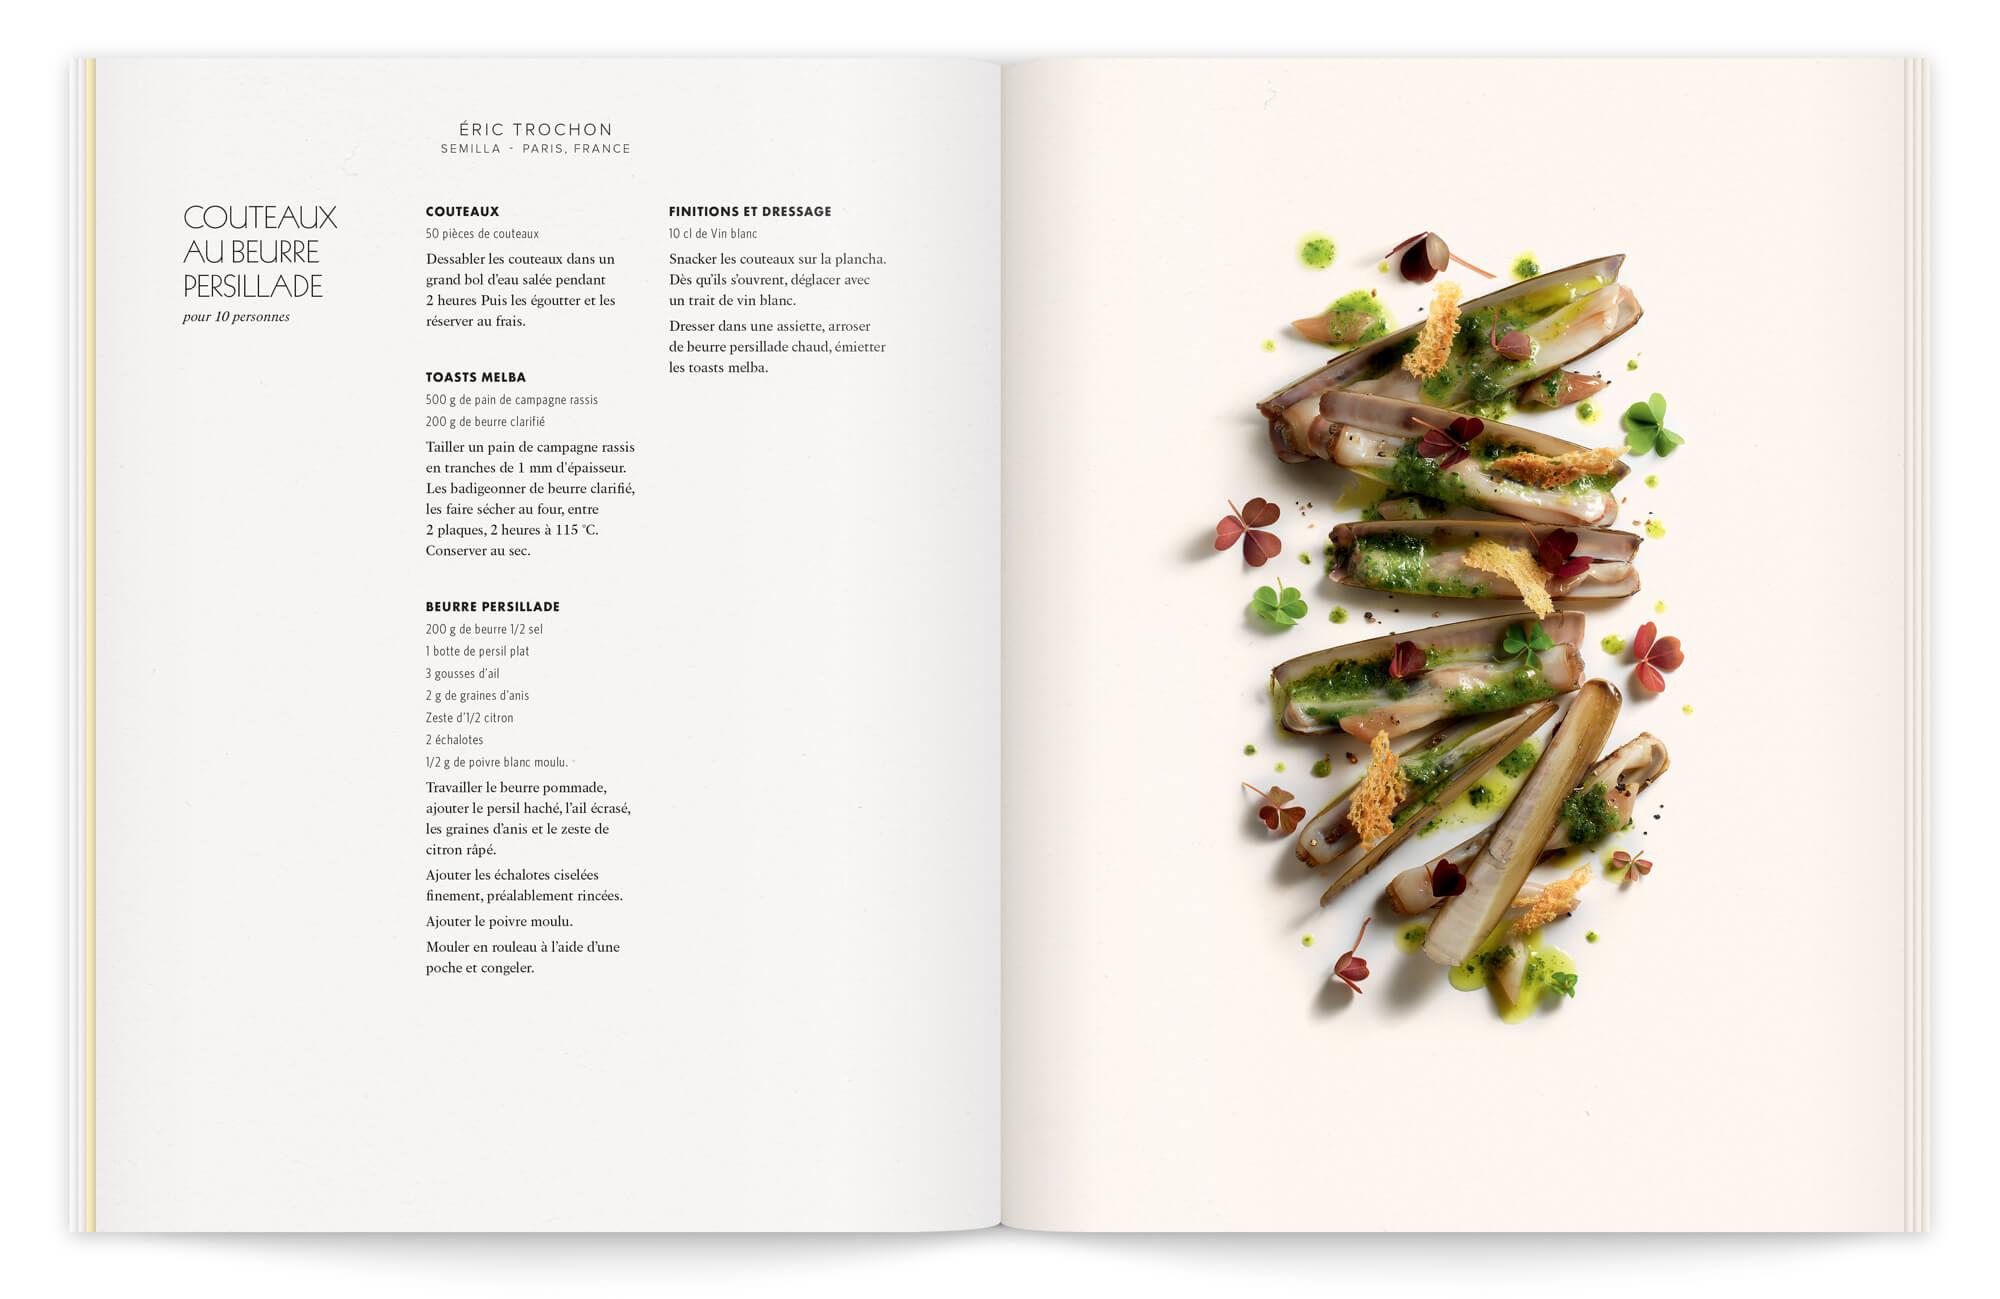 Ich&kar met son savoir-faire au service des secrets de beurres, et soigne tout les détails de la photographie, une composition comme un paysage et une photo sans assiette apporte de la modernité à la recette